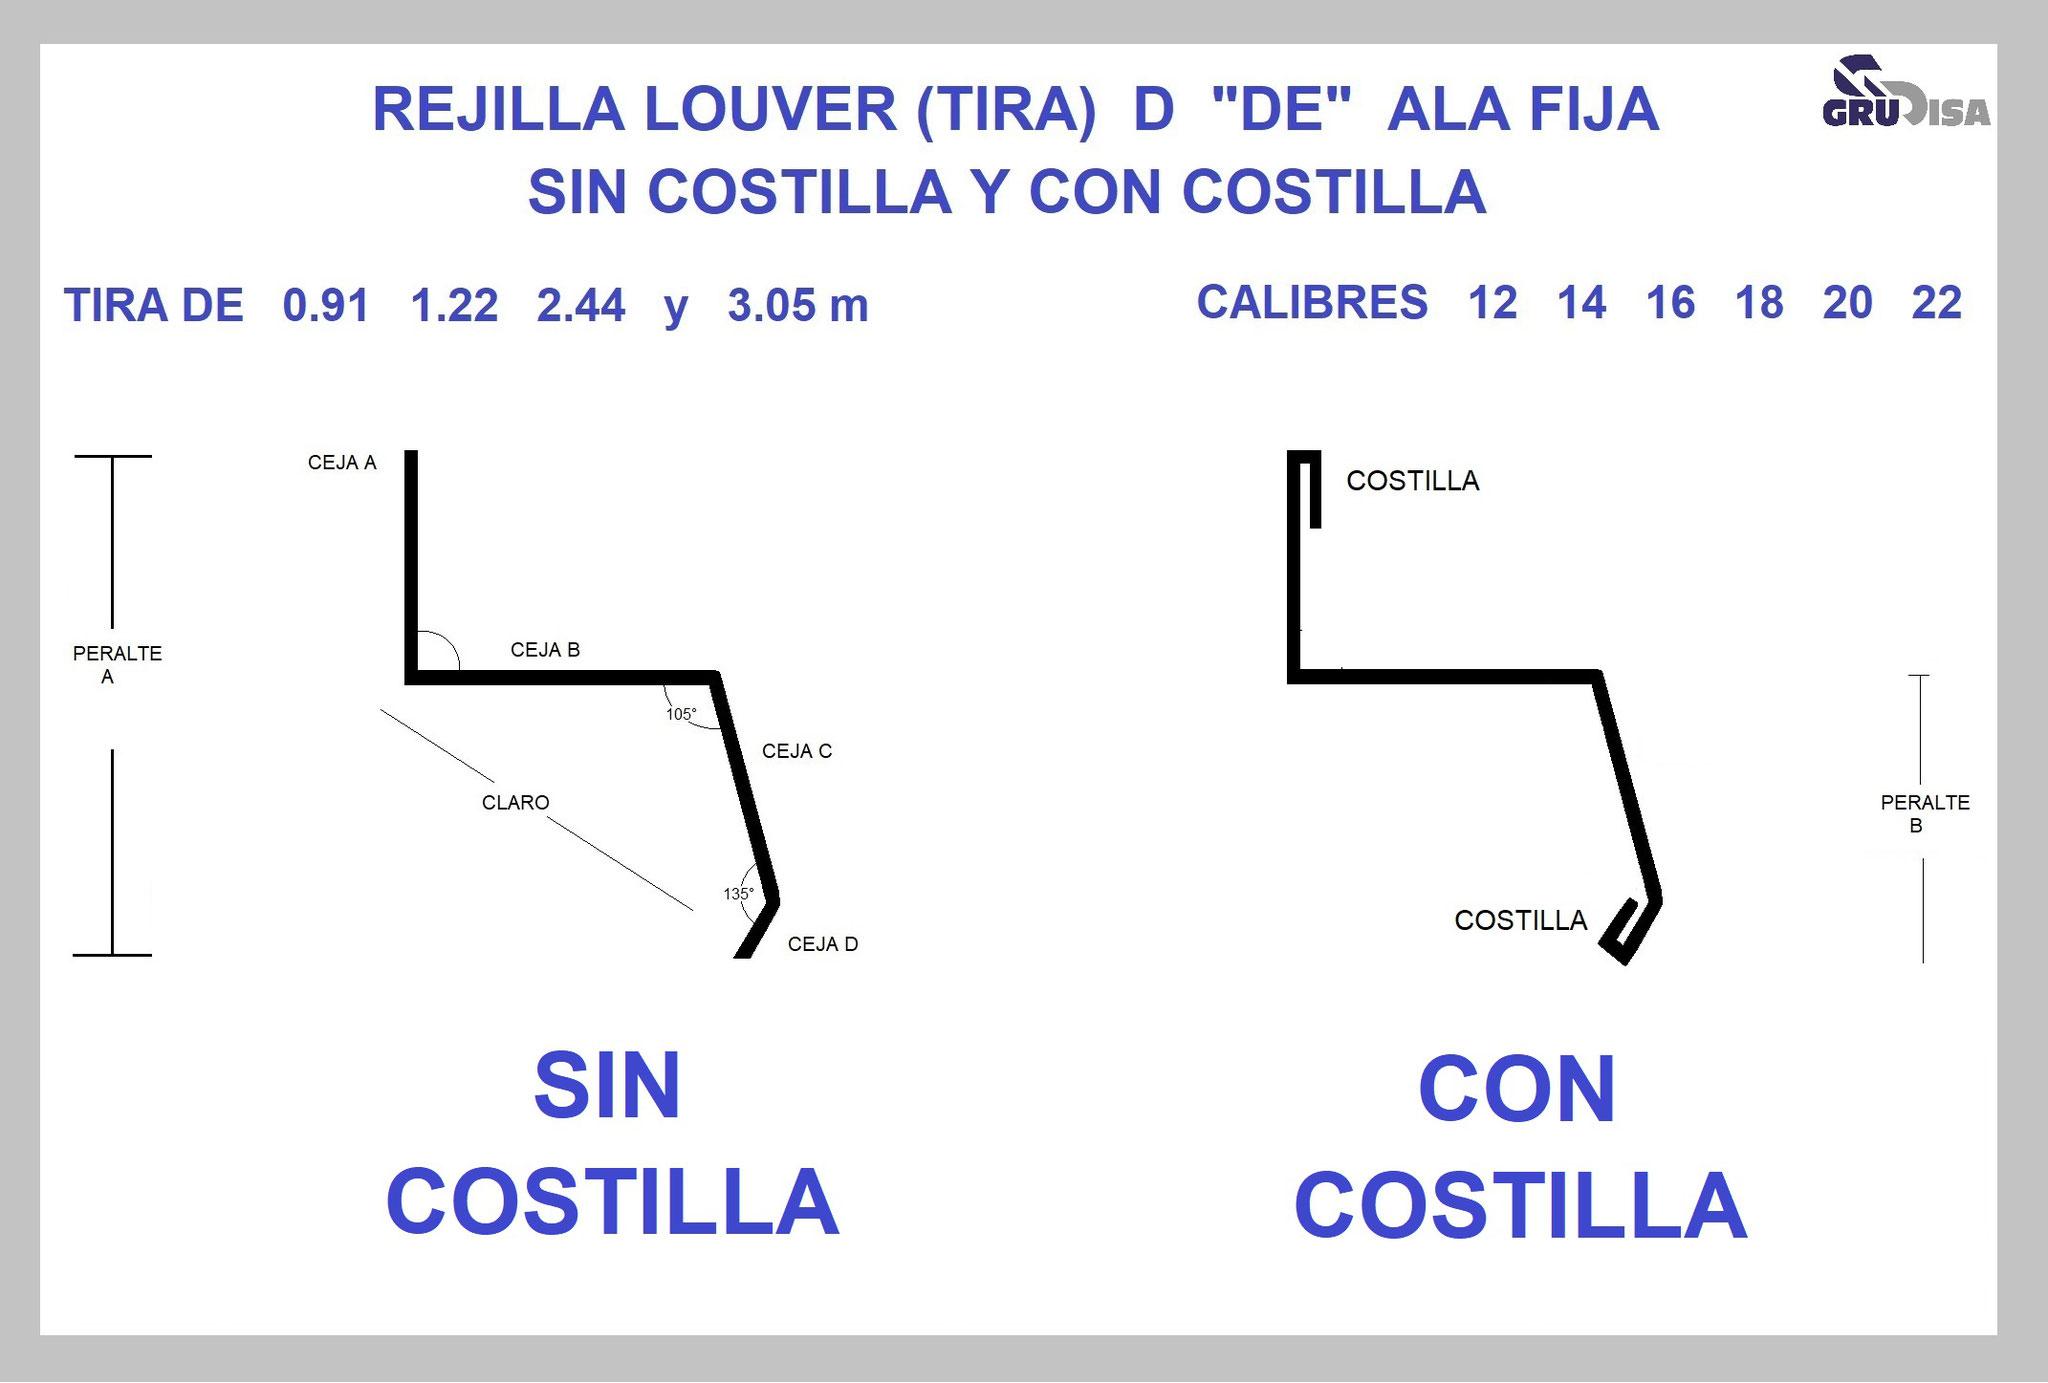 REJILLA LOUVER (TIRA) D